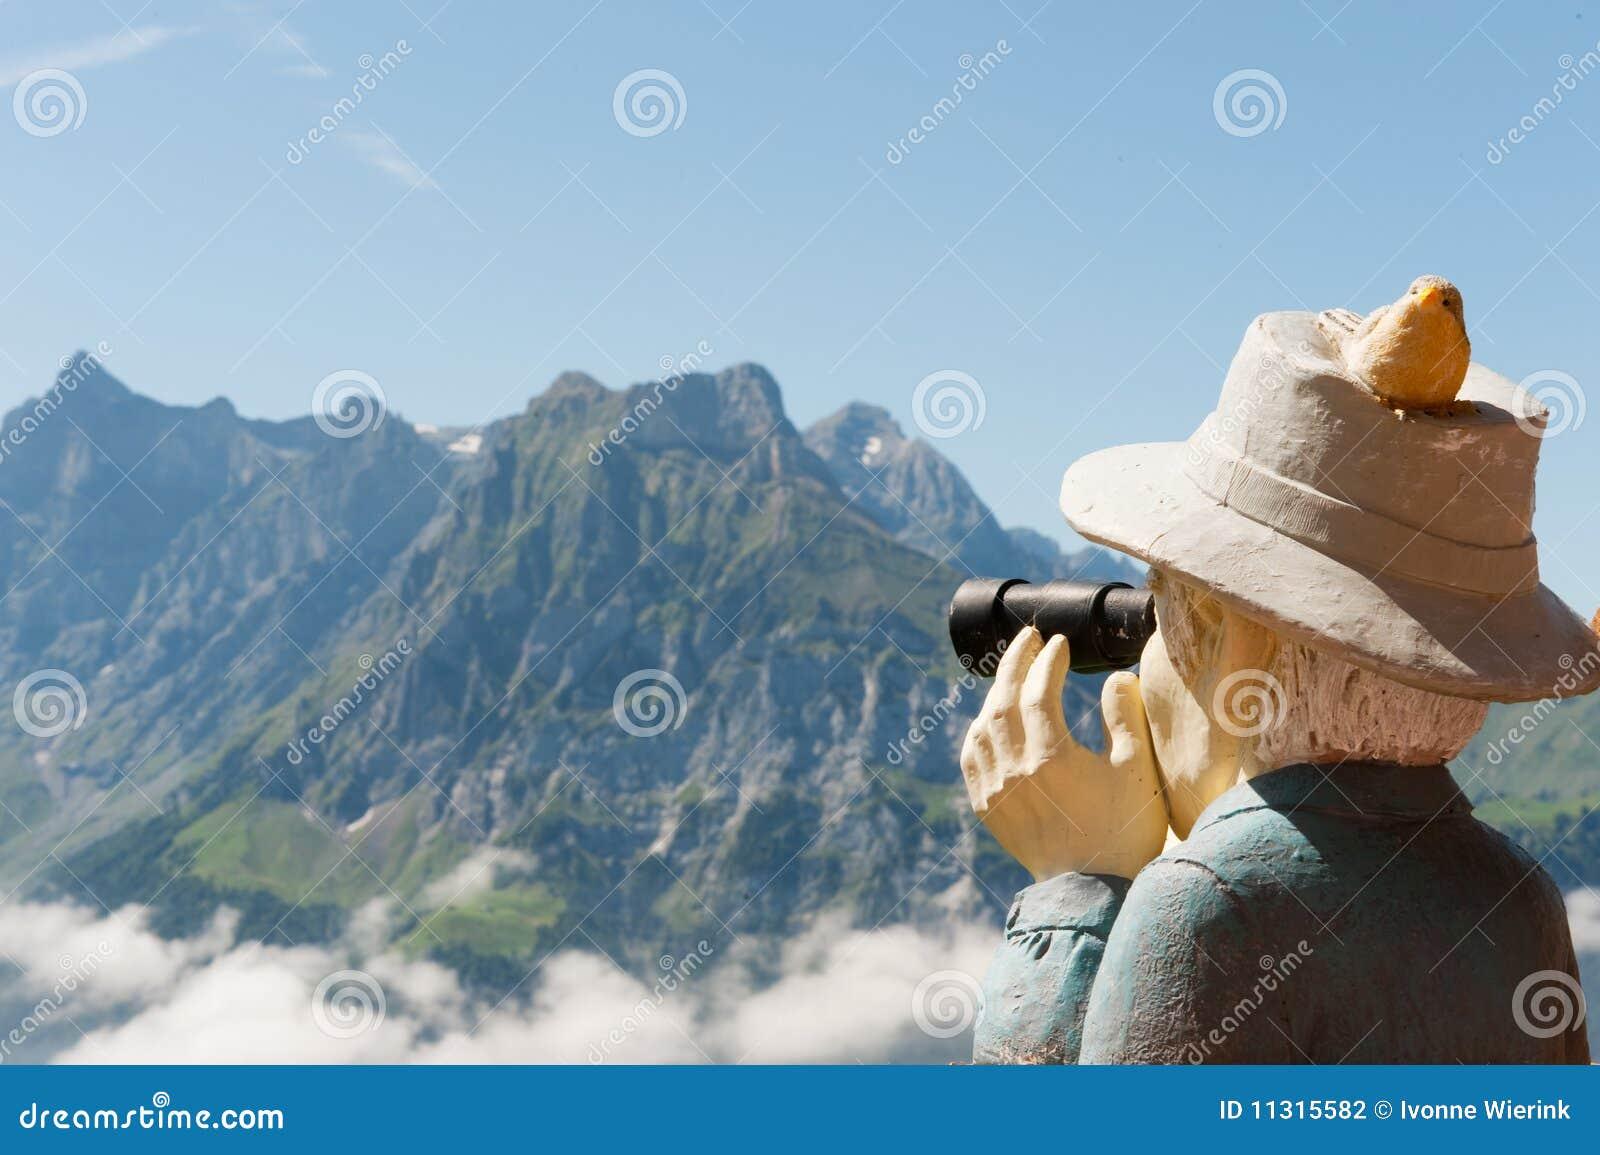 Die Schweiz, die zu den Bergen schaut